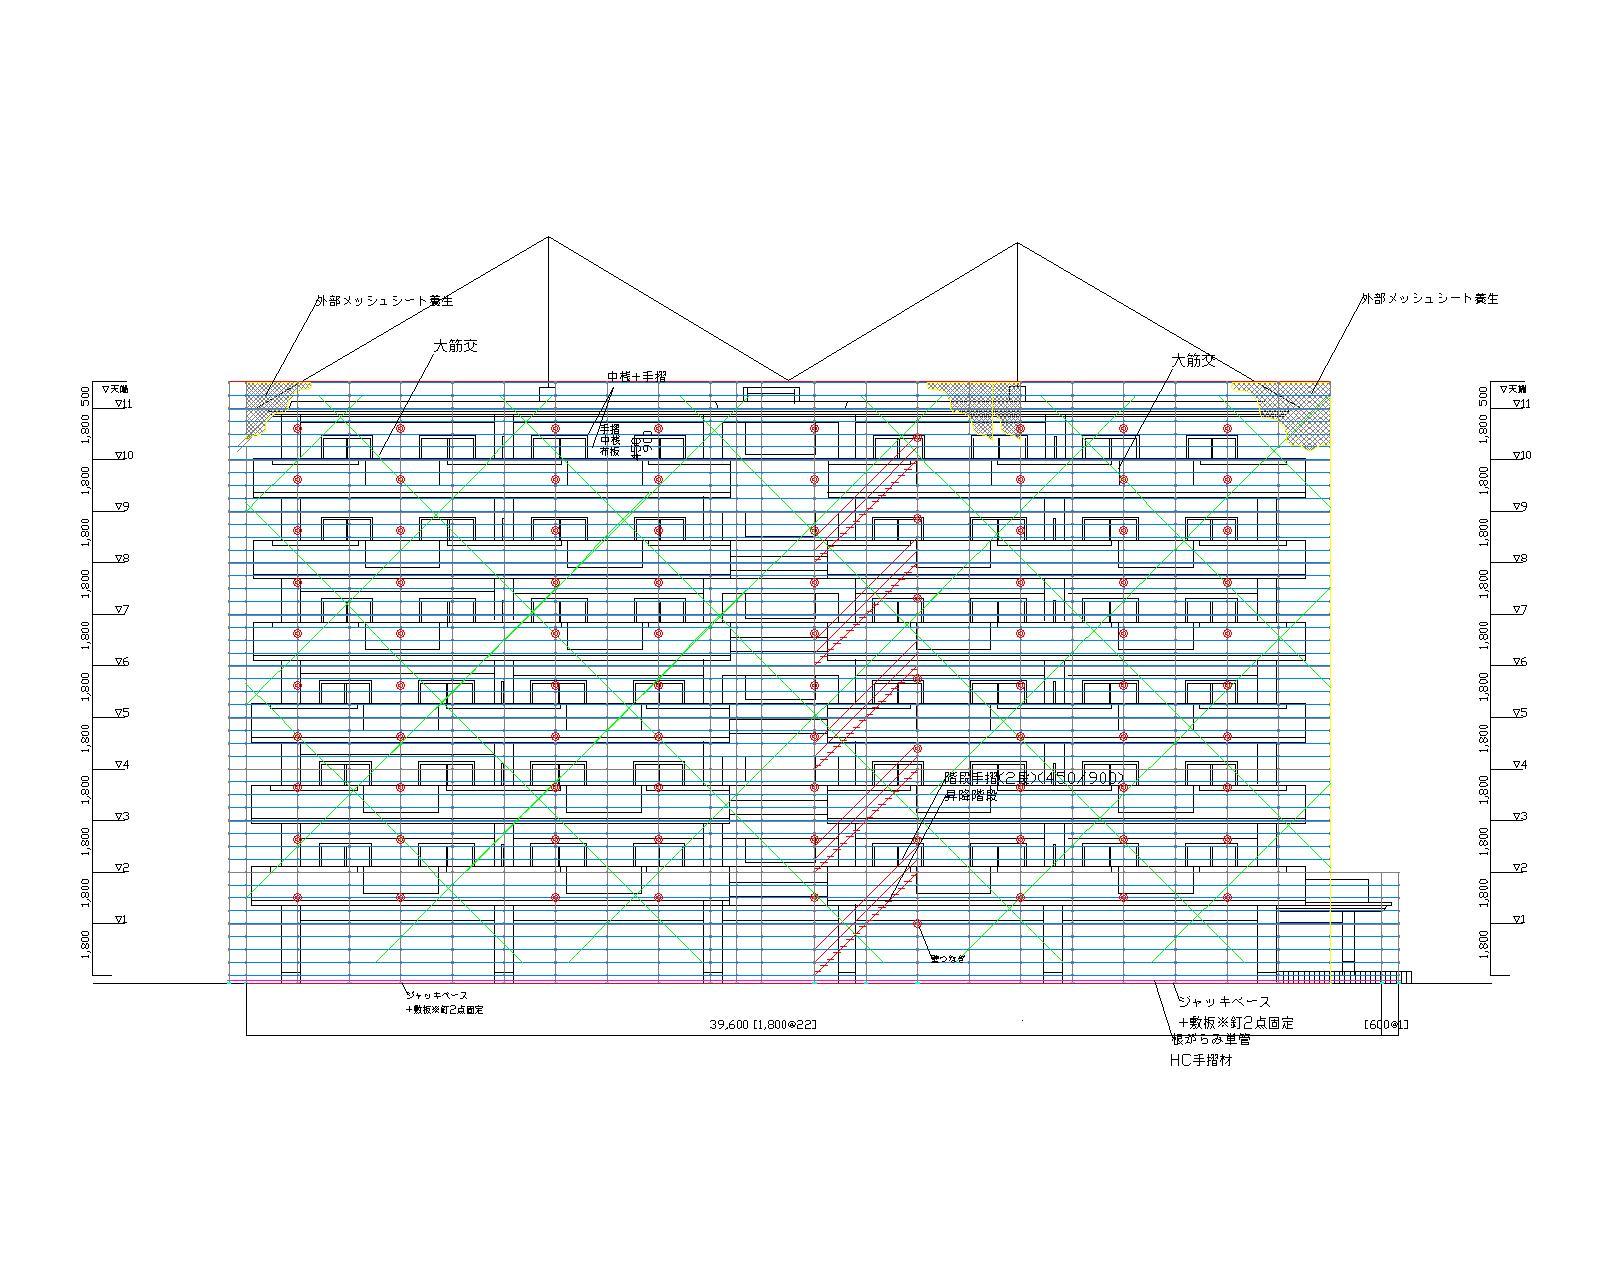 1.1  ハイラーク博多 外部足場計画図11.28 (2)-モデル